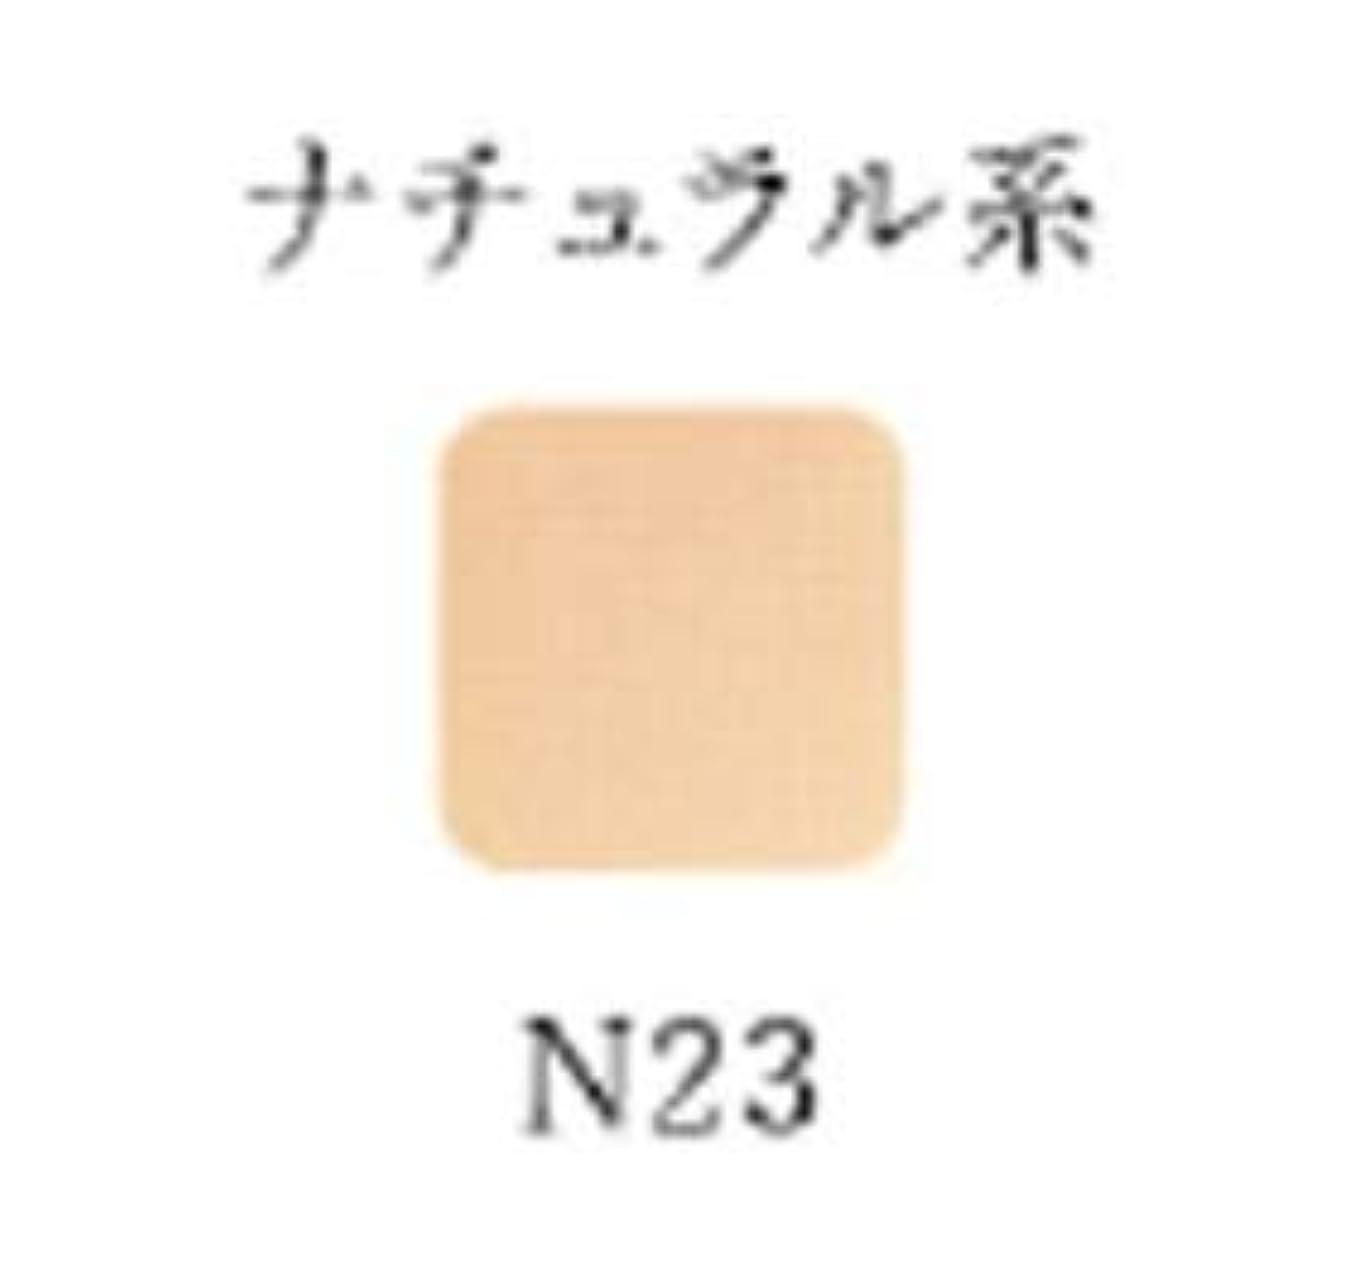 モンスター勇敢なセラフオリリー パウダリーフィニッシュUV(2ウェイ)(リフィル) N23ナチュラル系<ケース別売>(14g)